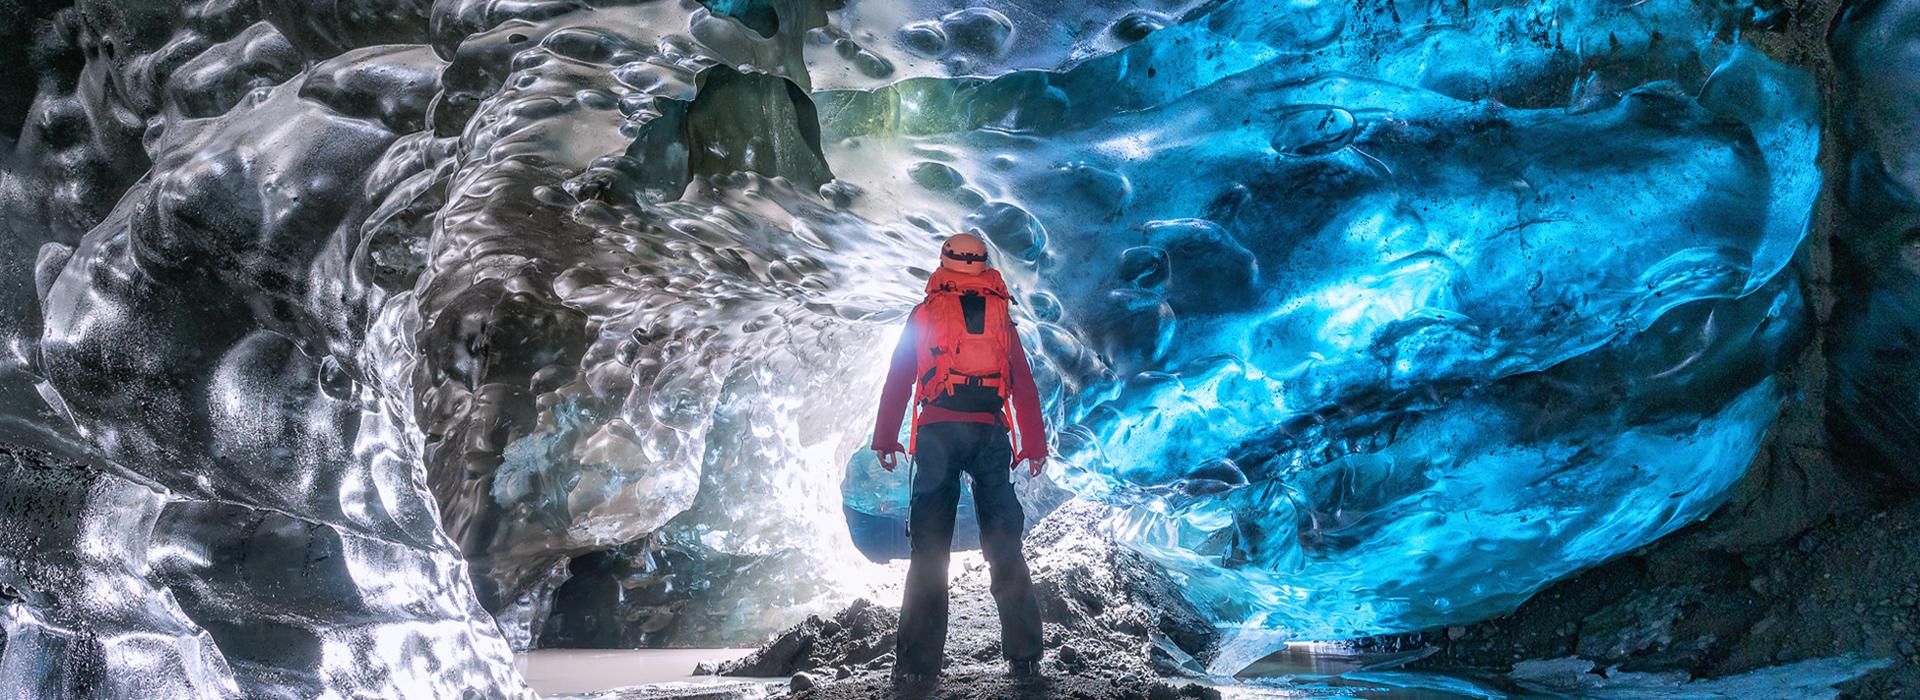 Ice cave in Vatnajokull glacier